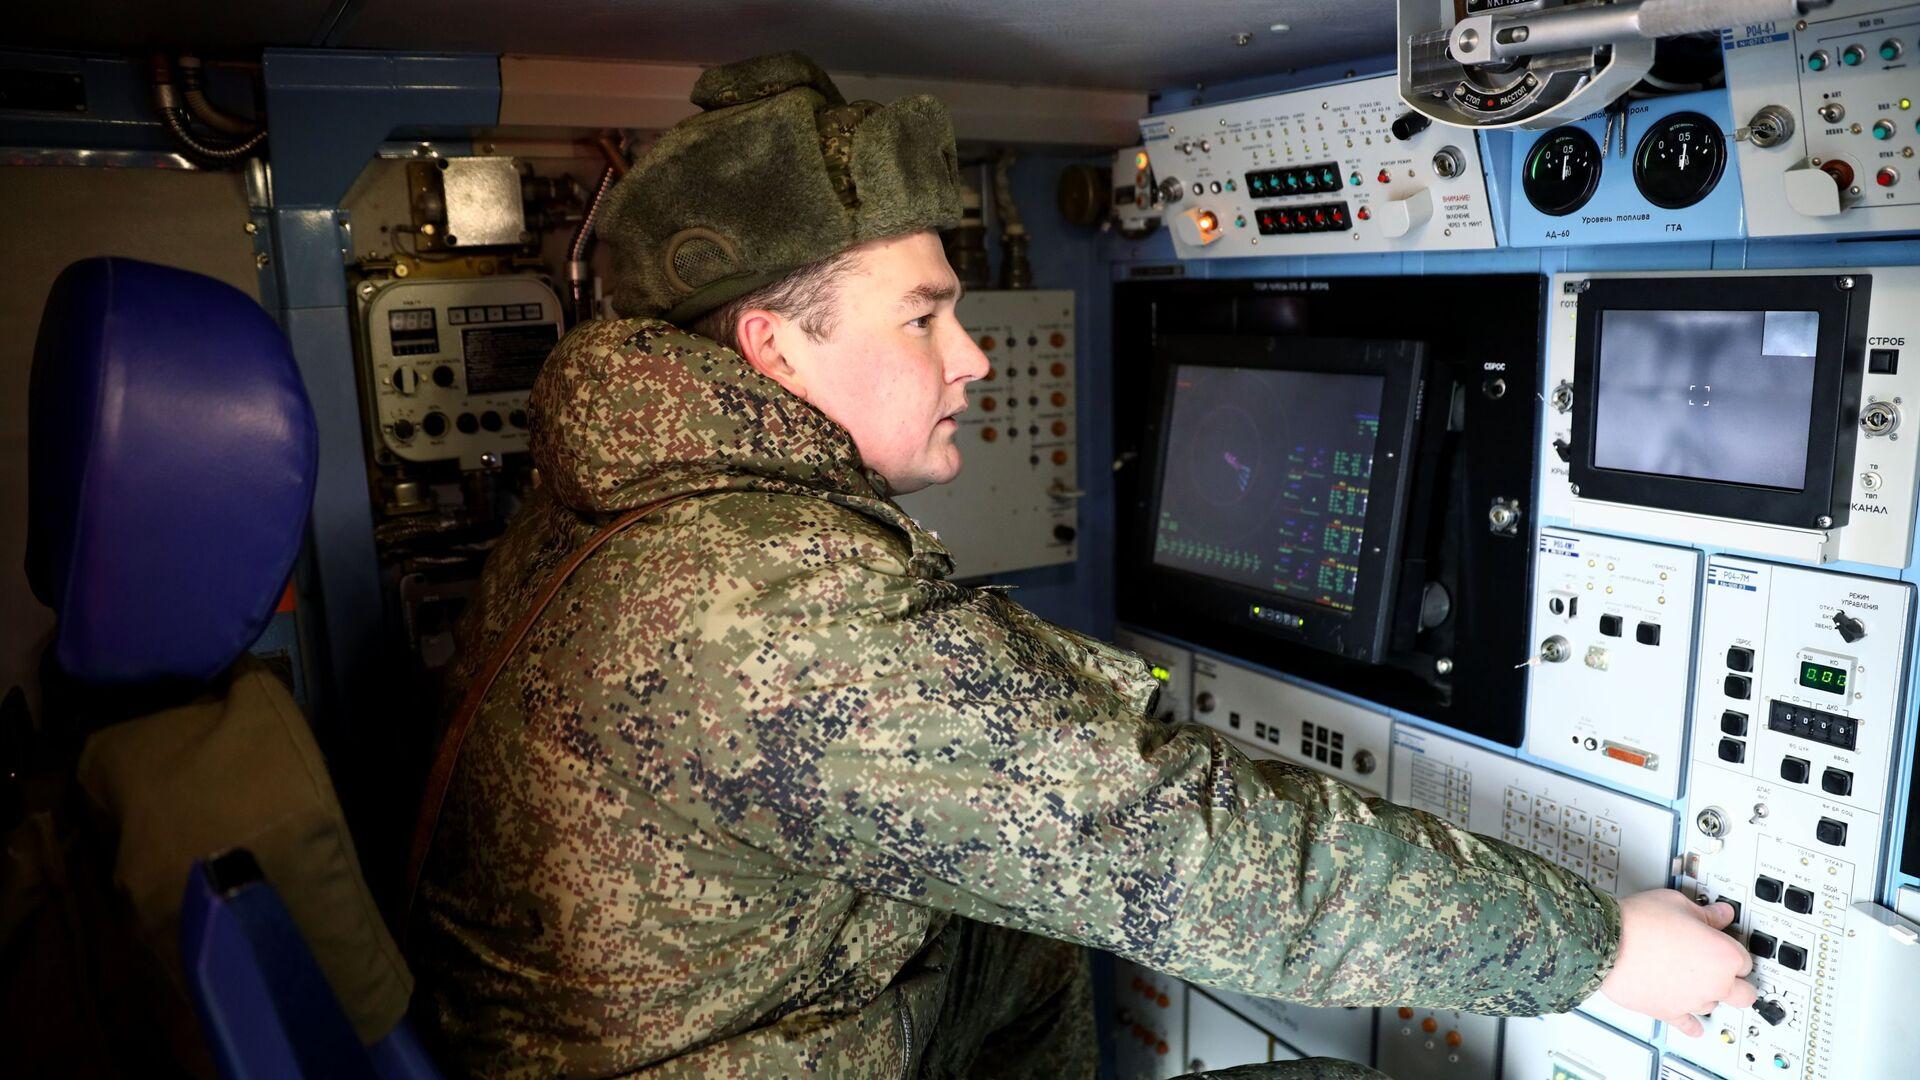 Военнослужащий на торжественной церемонии передачи арктических комплексов ПВО Тор-М2ДТ на базе вездехода ДТ-30 в общевойсковое соединение Северного флота на территории 726 учебного центра войсковой ПВО в городе Ейске - Sputnik Azərbaycan, 1920, 11.10.2021